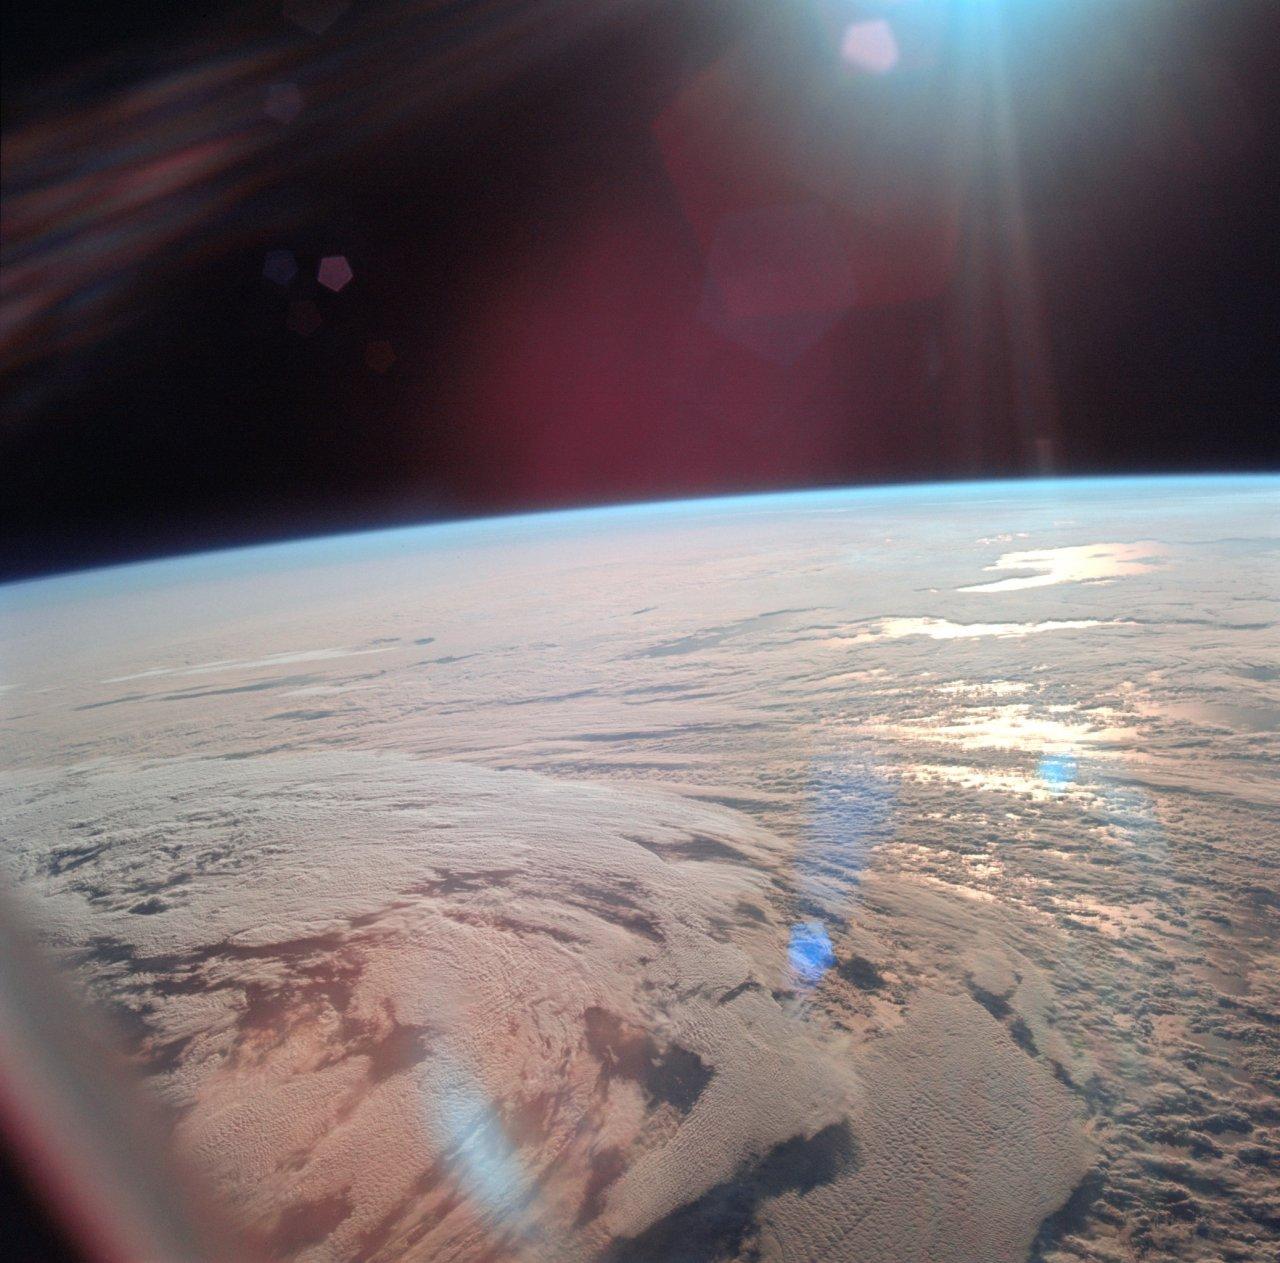 Misja Apollo 11 - lądowanie człowieka na Księżycu 35